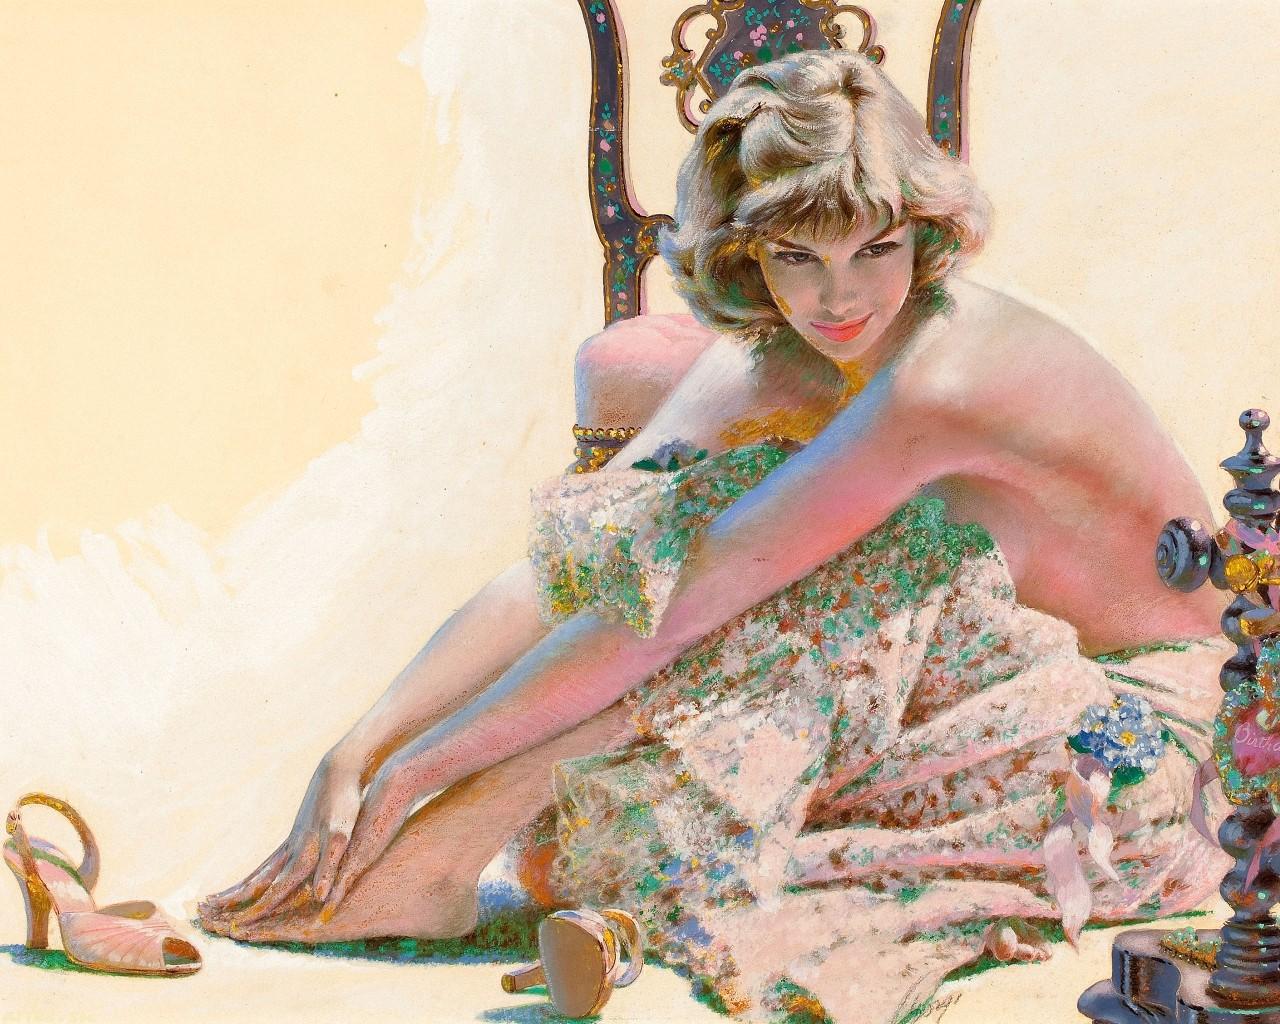 Сексуальные образы в иллюстрации художников 6 фотография